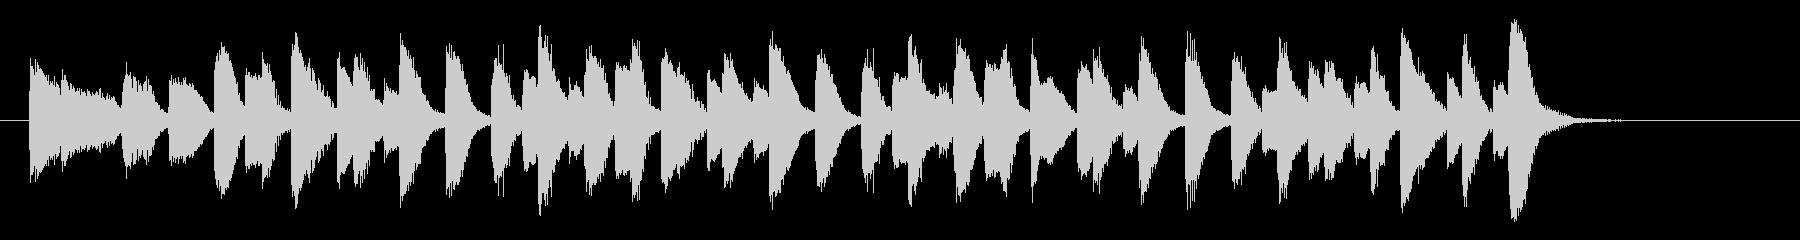 ラグタイムピアノ_オリジナルピアノ曲の未再生の波形